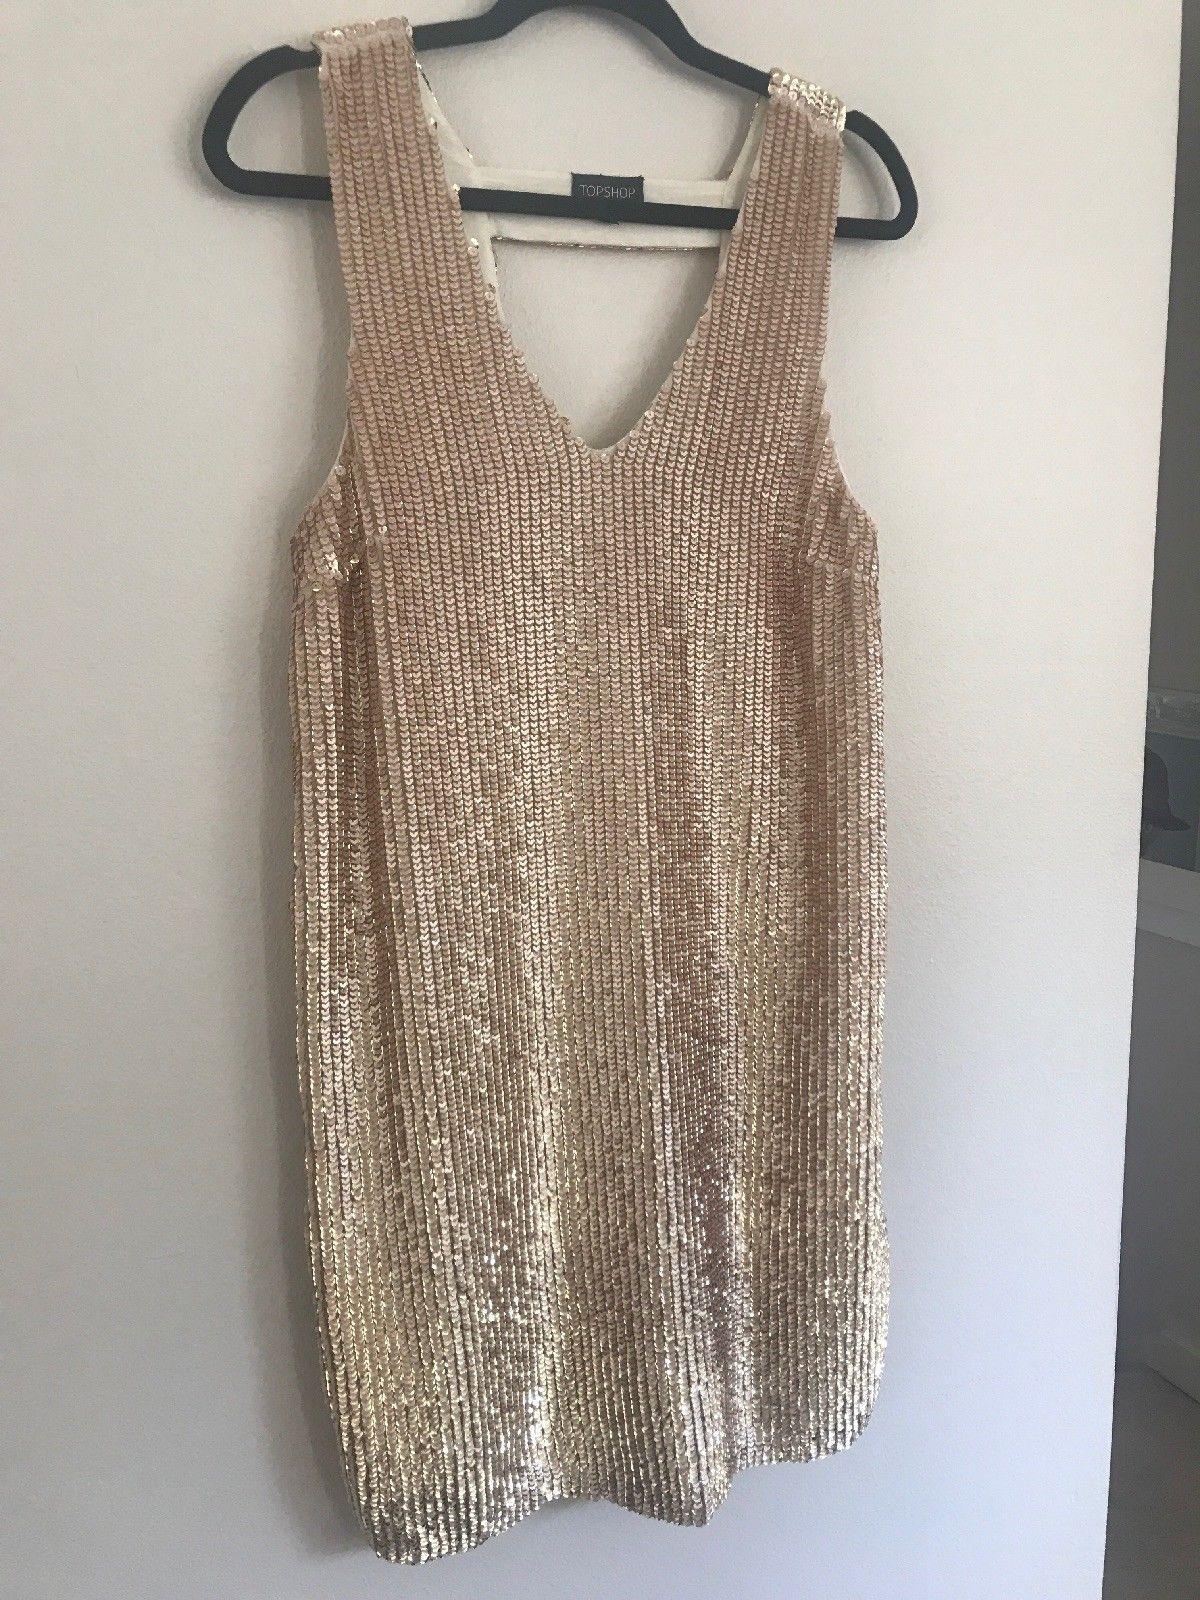 Topshop blush rose gold sequin dress size sheath vneck front